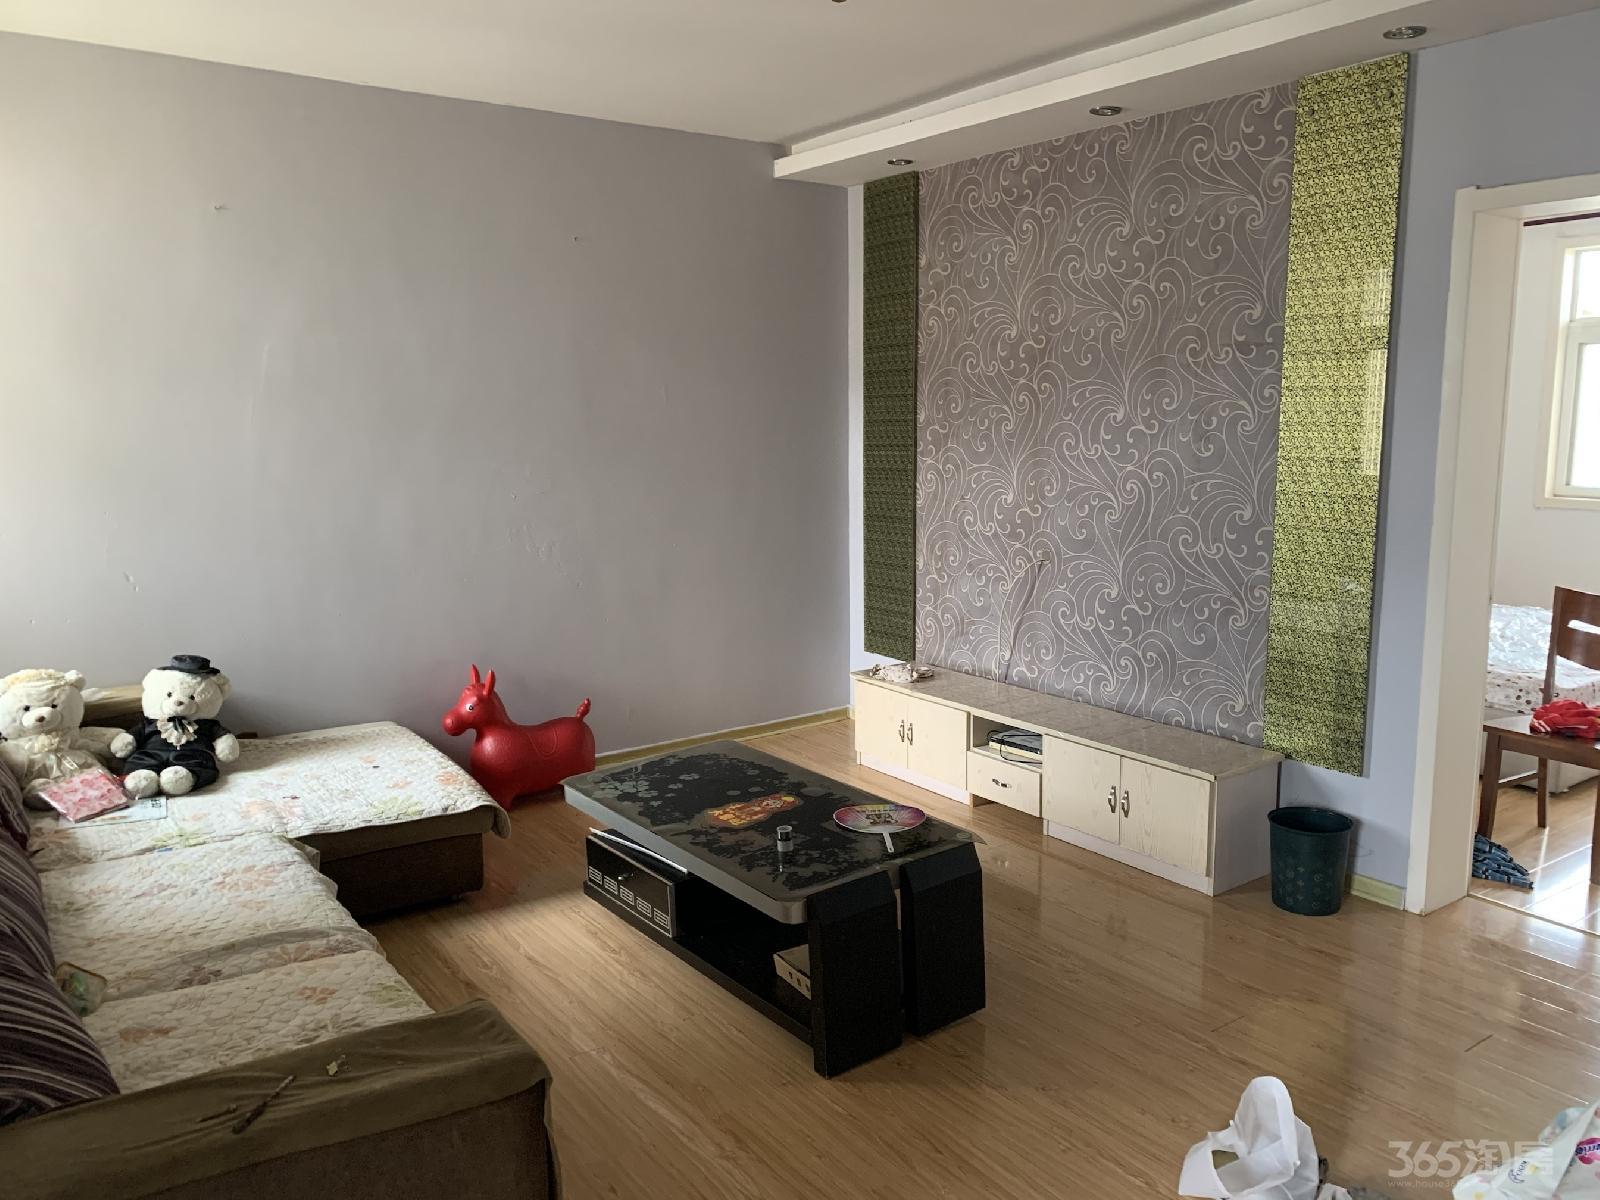 浦欣家园3室3厅2卫137平米整租精装